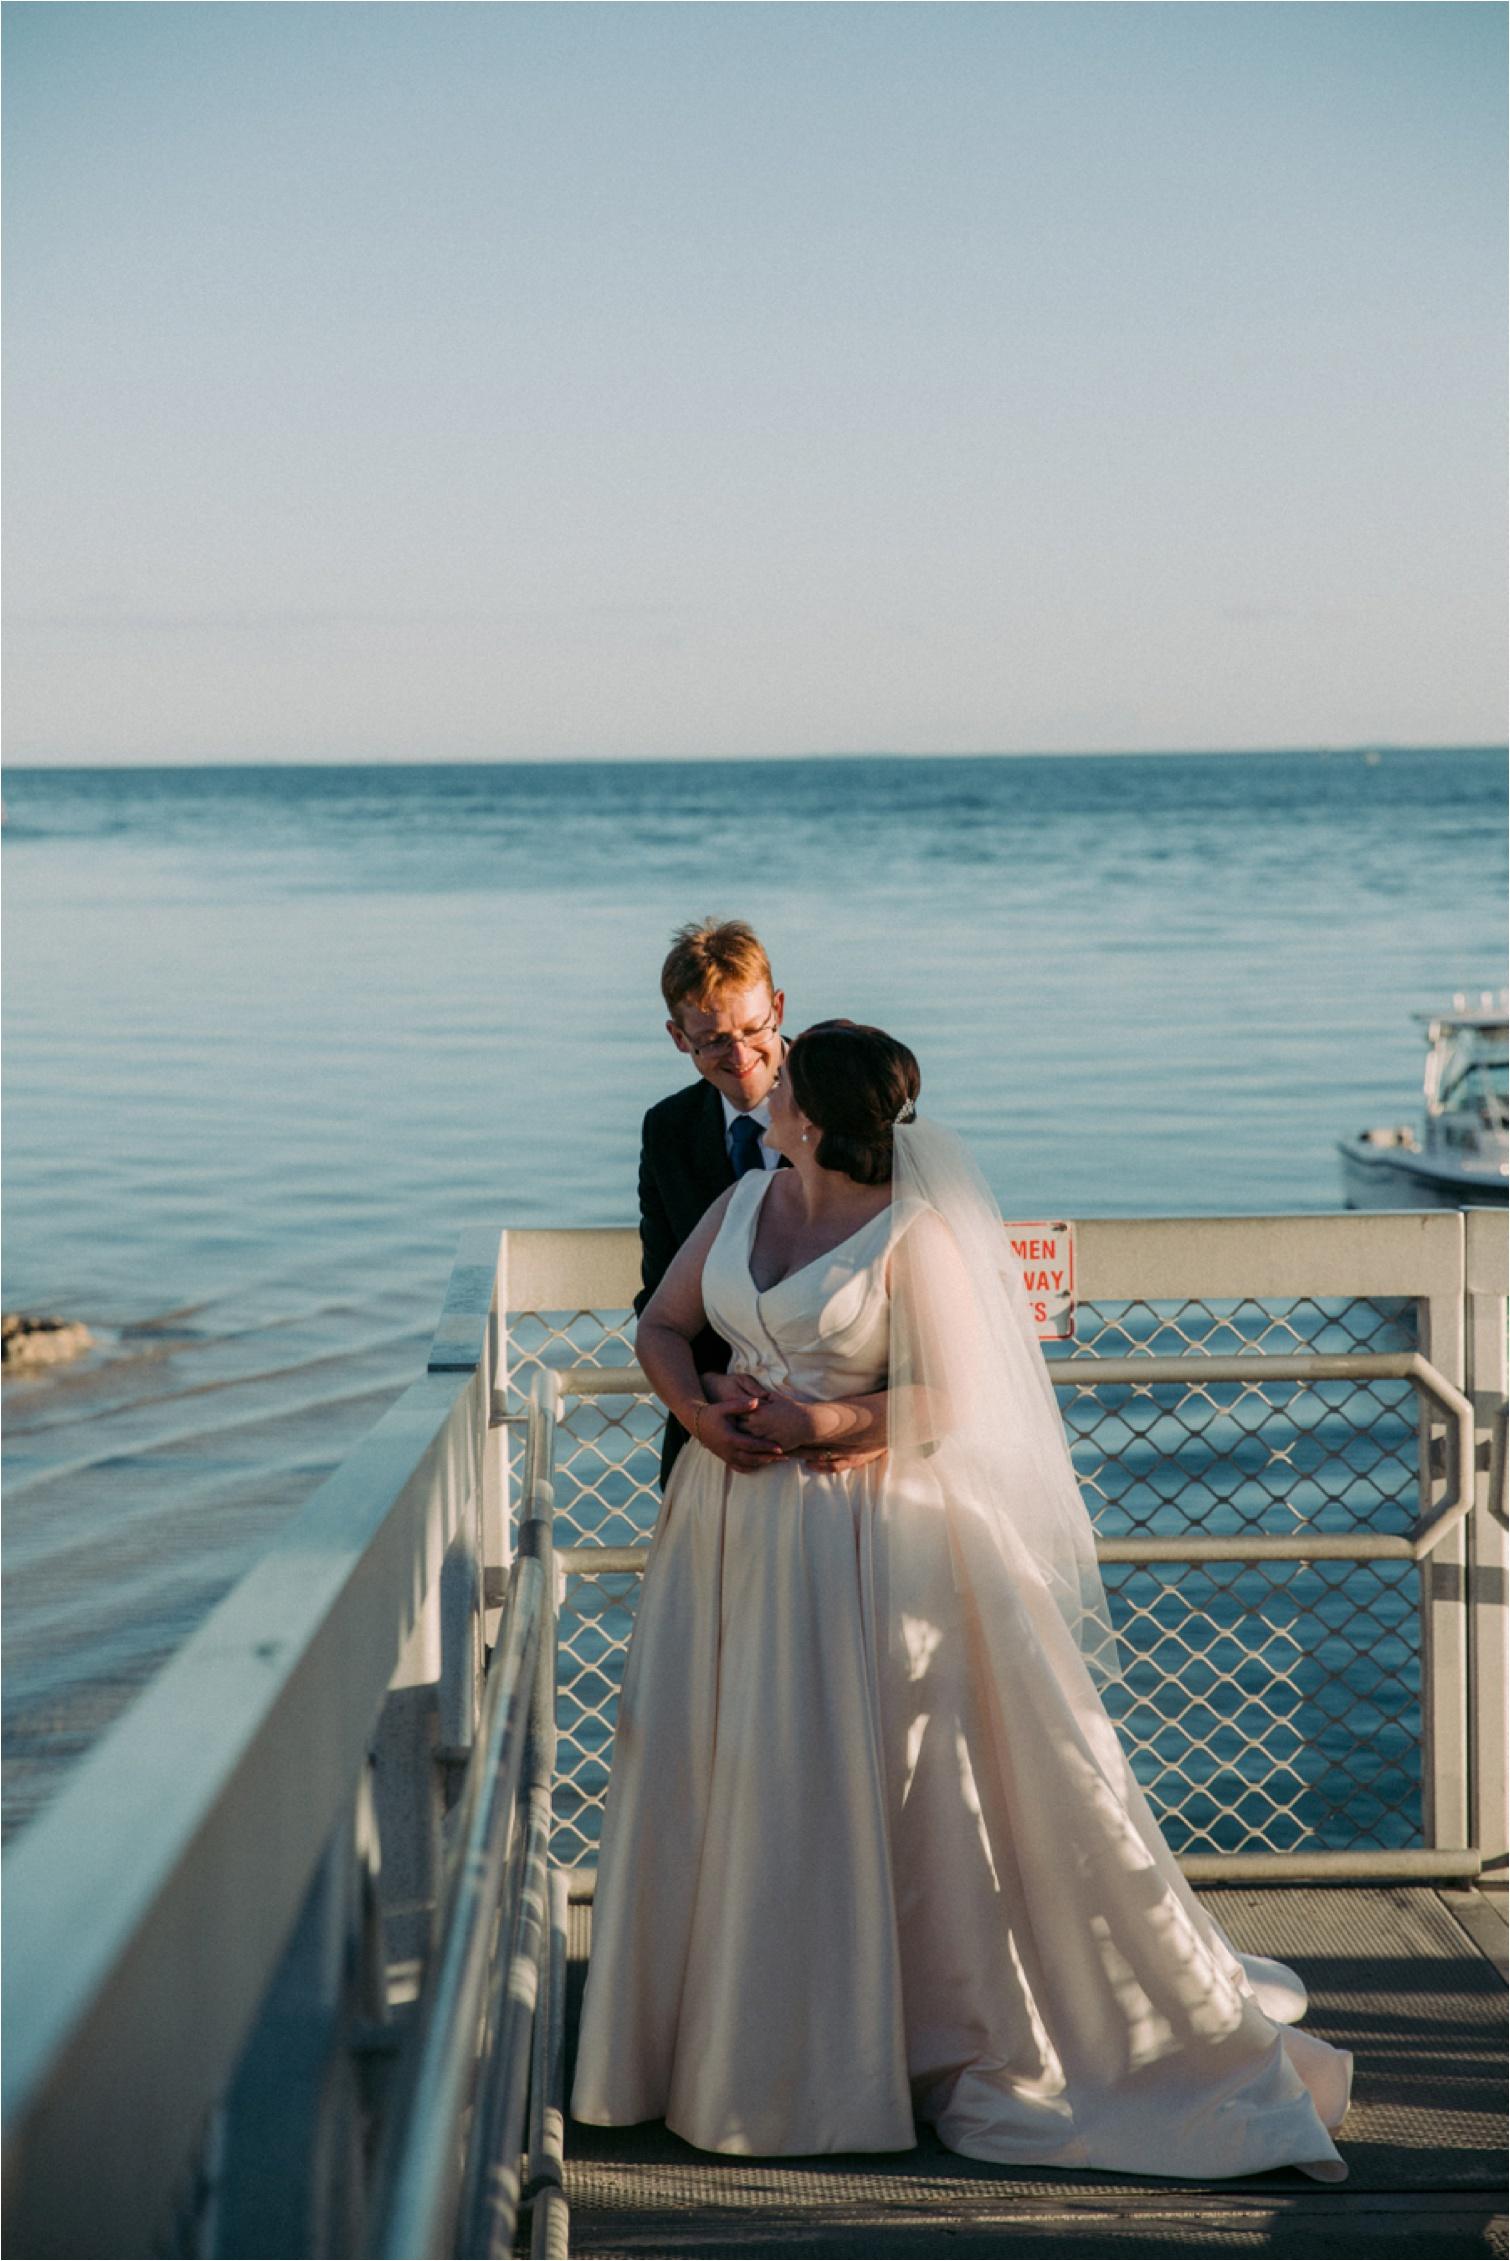 Bribie_Island_Jetty_Wedding_Photo